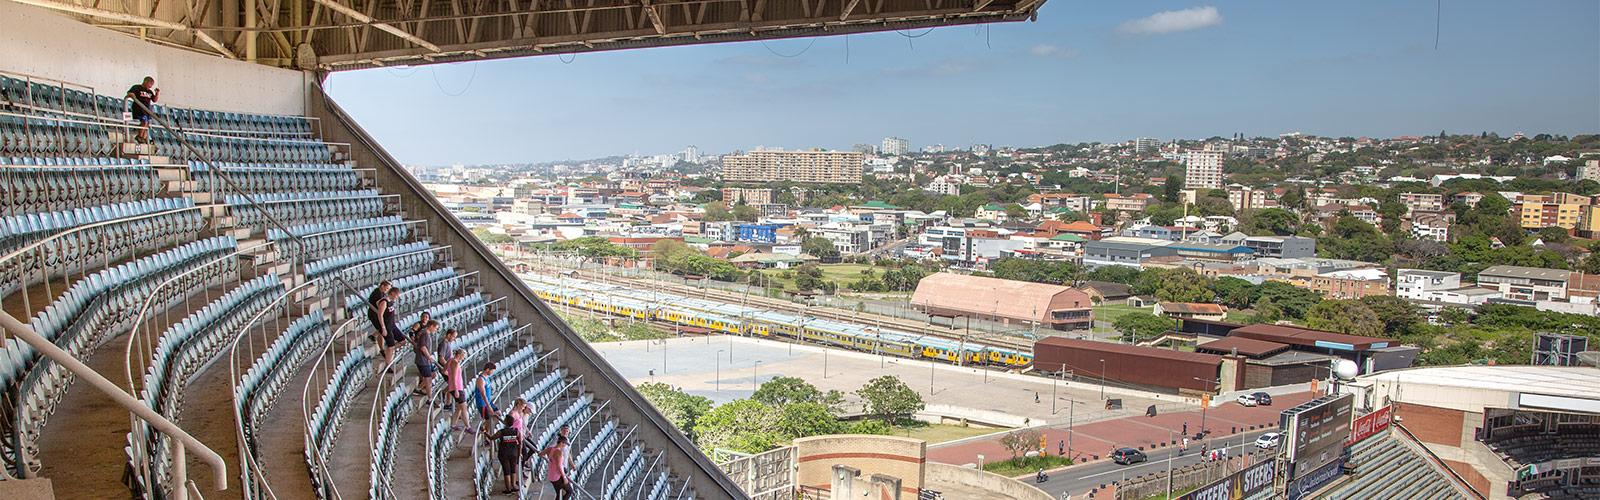 Stadium Dash Durban 2018